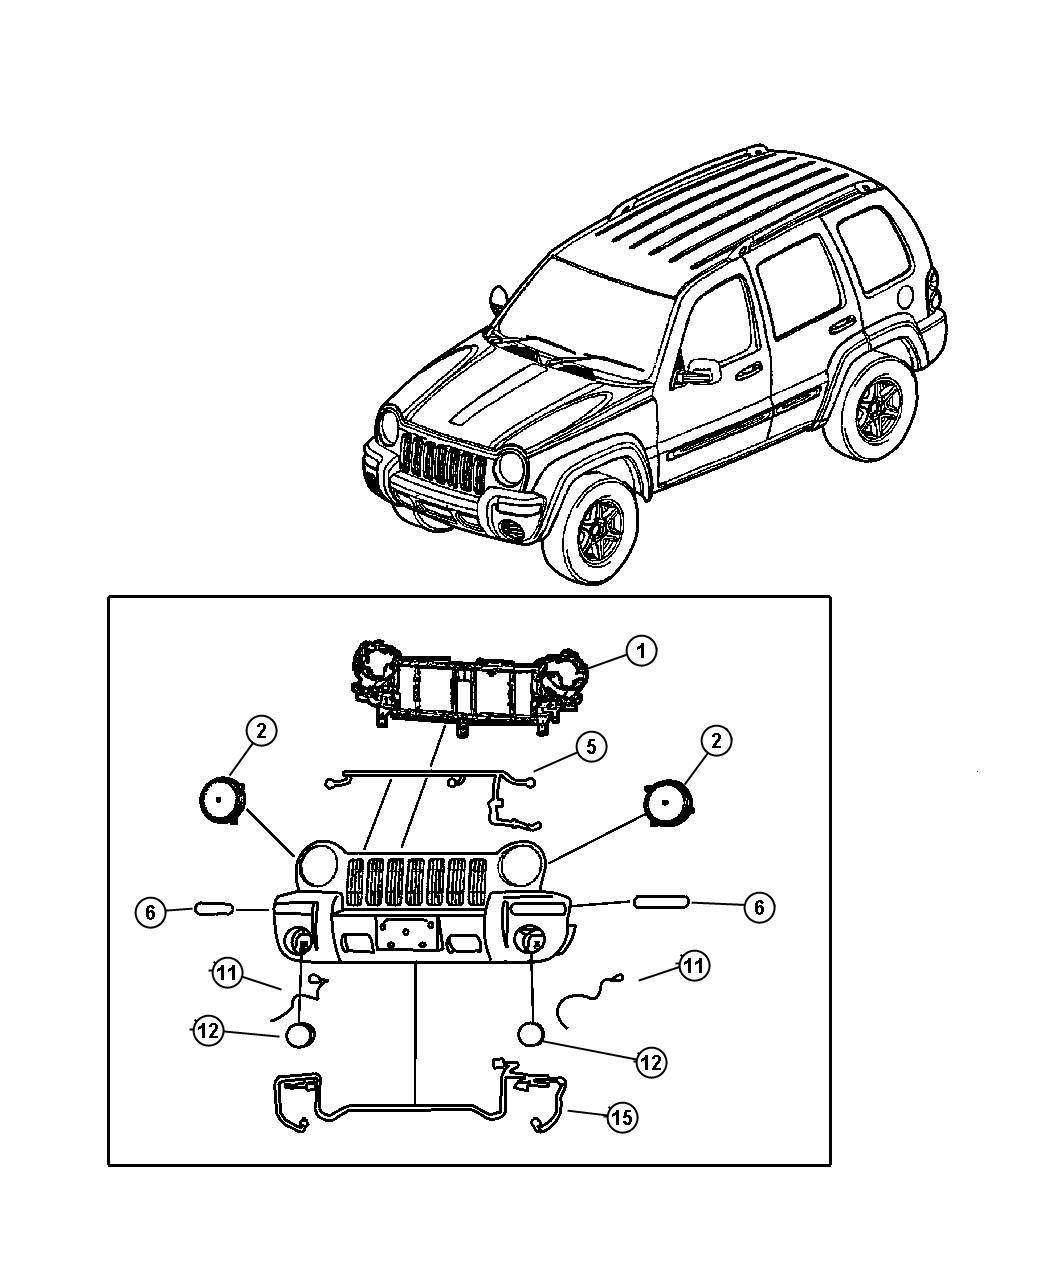 2 Bulb Lamp Wiring Diagram